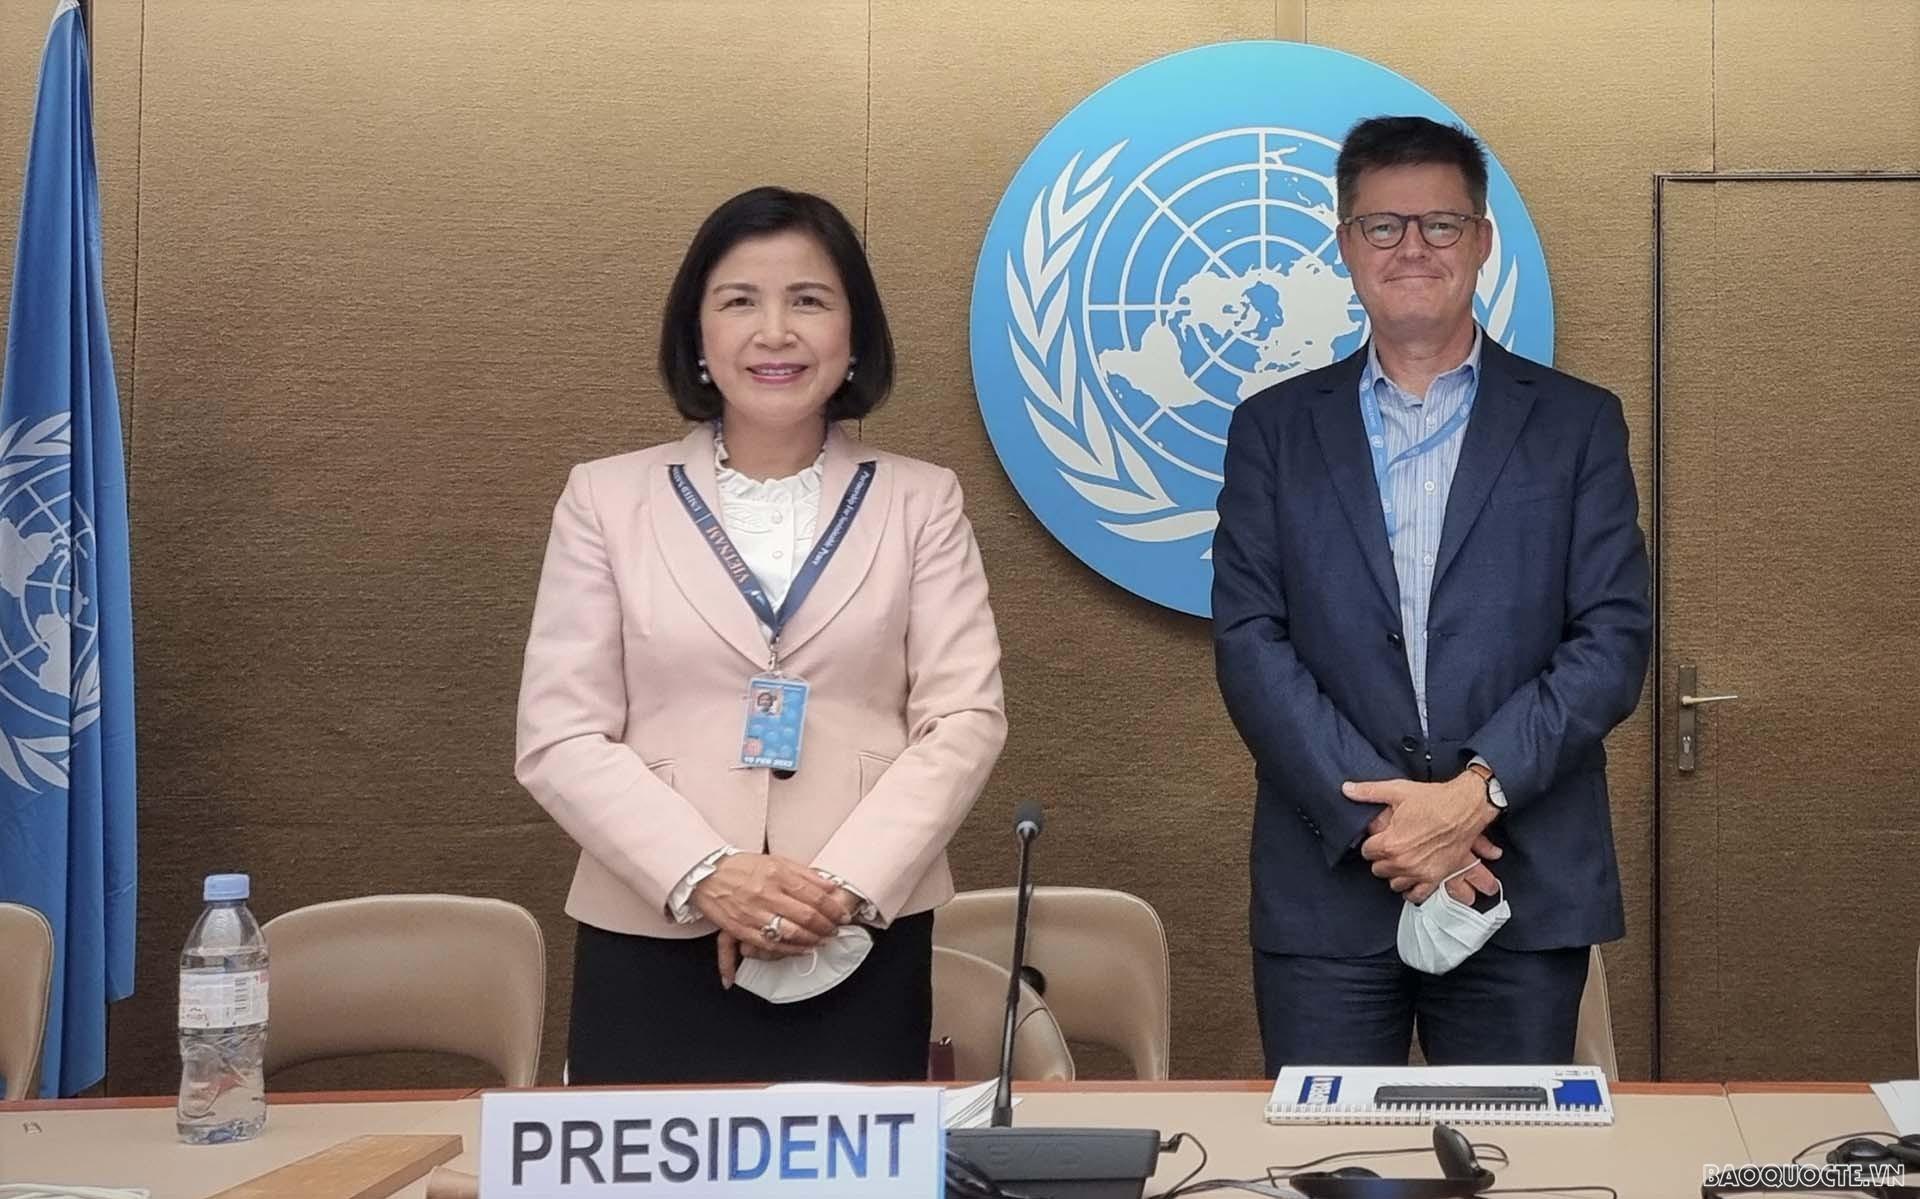 Việt Nam đảm nhận Phó Chủ tịch Phiên họp lần thứ 5 Nhóm chuyên gia liên chính phủ của UNCTAD về luật và chính sách bảo vệ người tiêu dùng